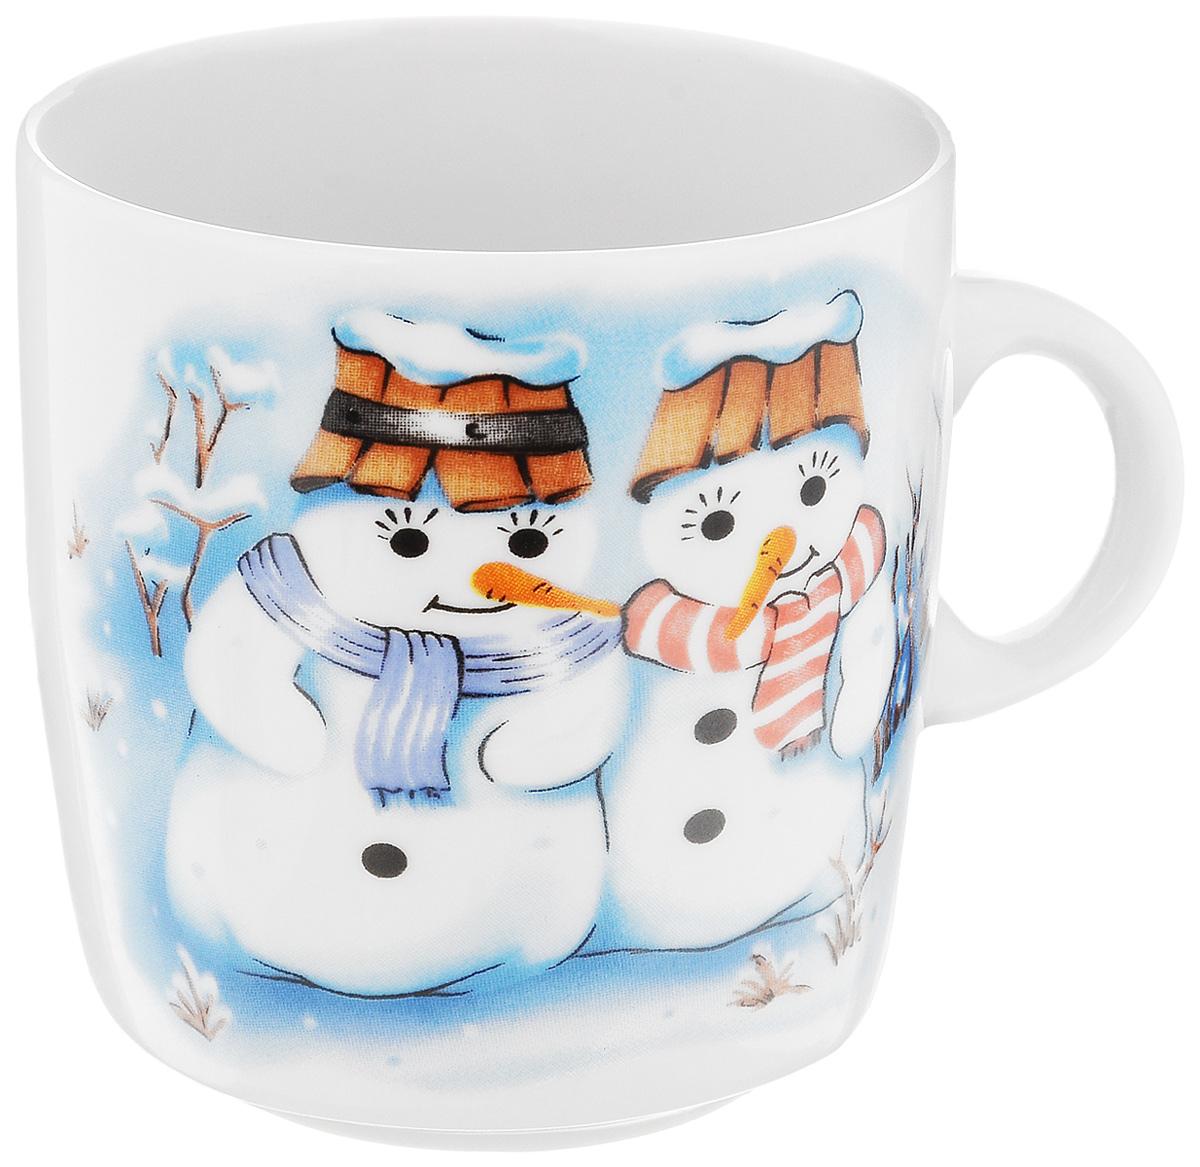 Кружка Фарфор Вербилок Снеговики, 210 мл8712140Кружка Фарфор Вербилок Снеговики способна скрасить любое чаепитие. Изделие выполнено из высококачественного фарфора. Посуда из такого материала позволяет сохранить истинный вкус напитка, а также помогает ему дольше оставаться теплым. Диаметр по верхнему краю: 7 см. Высота кружки: 7,5 см.